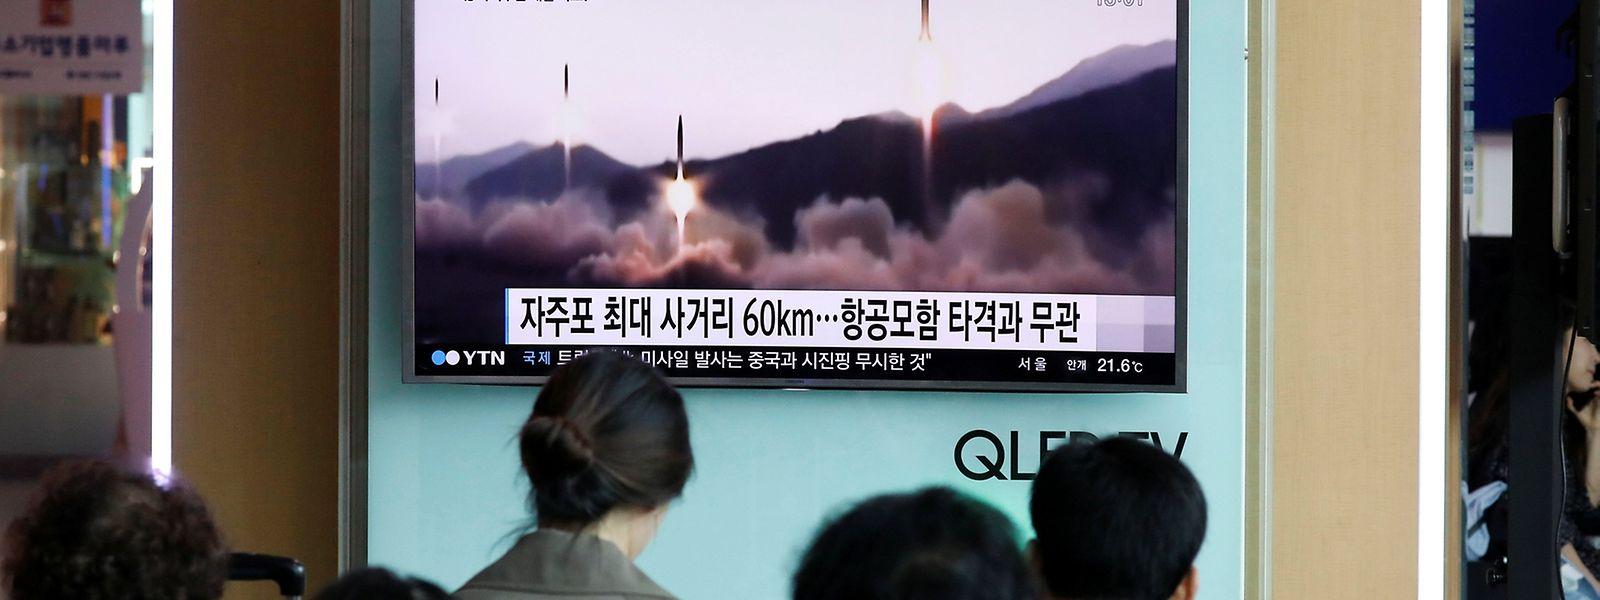 Die Menschen in Südkorea sehen sich den Raketenstart auf dem Fernseher an.